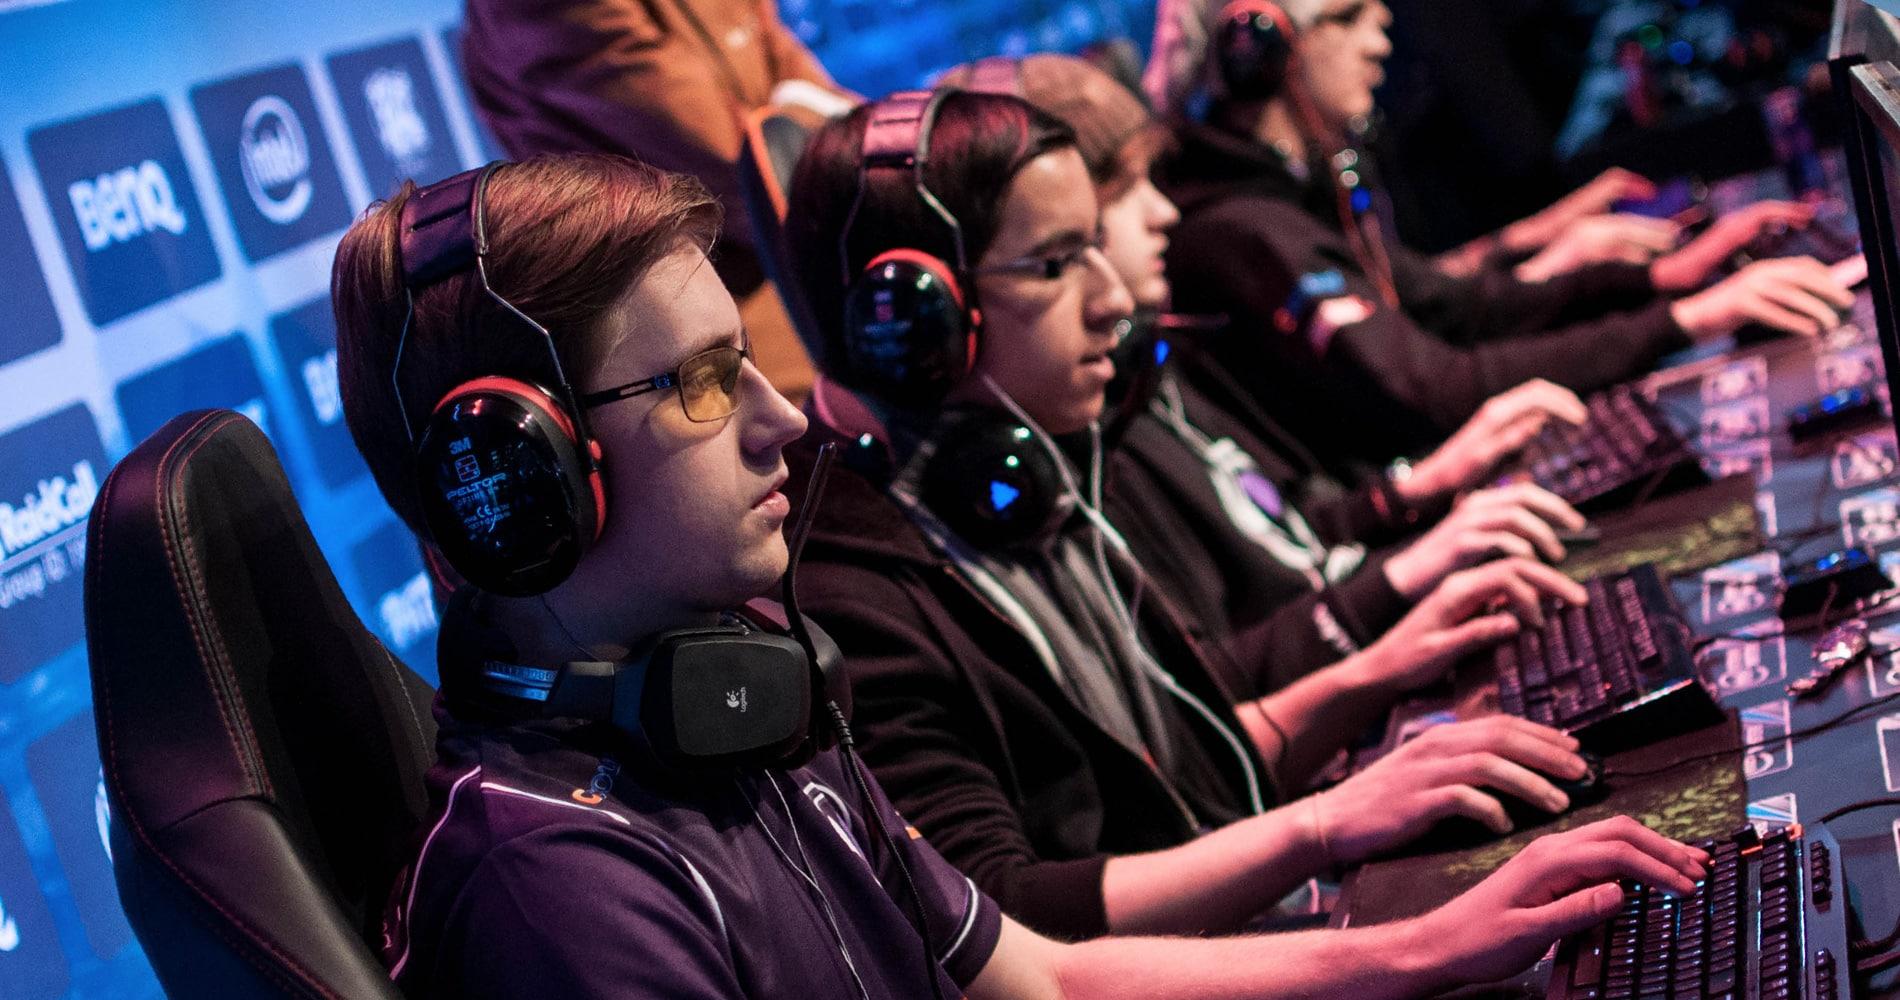 Los videojuegos podr an ser deportes ol mpicos en par s 2024 for Conciertos paris 2017